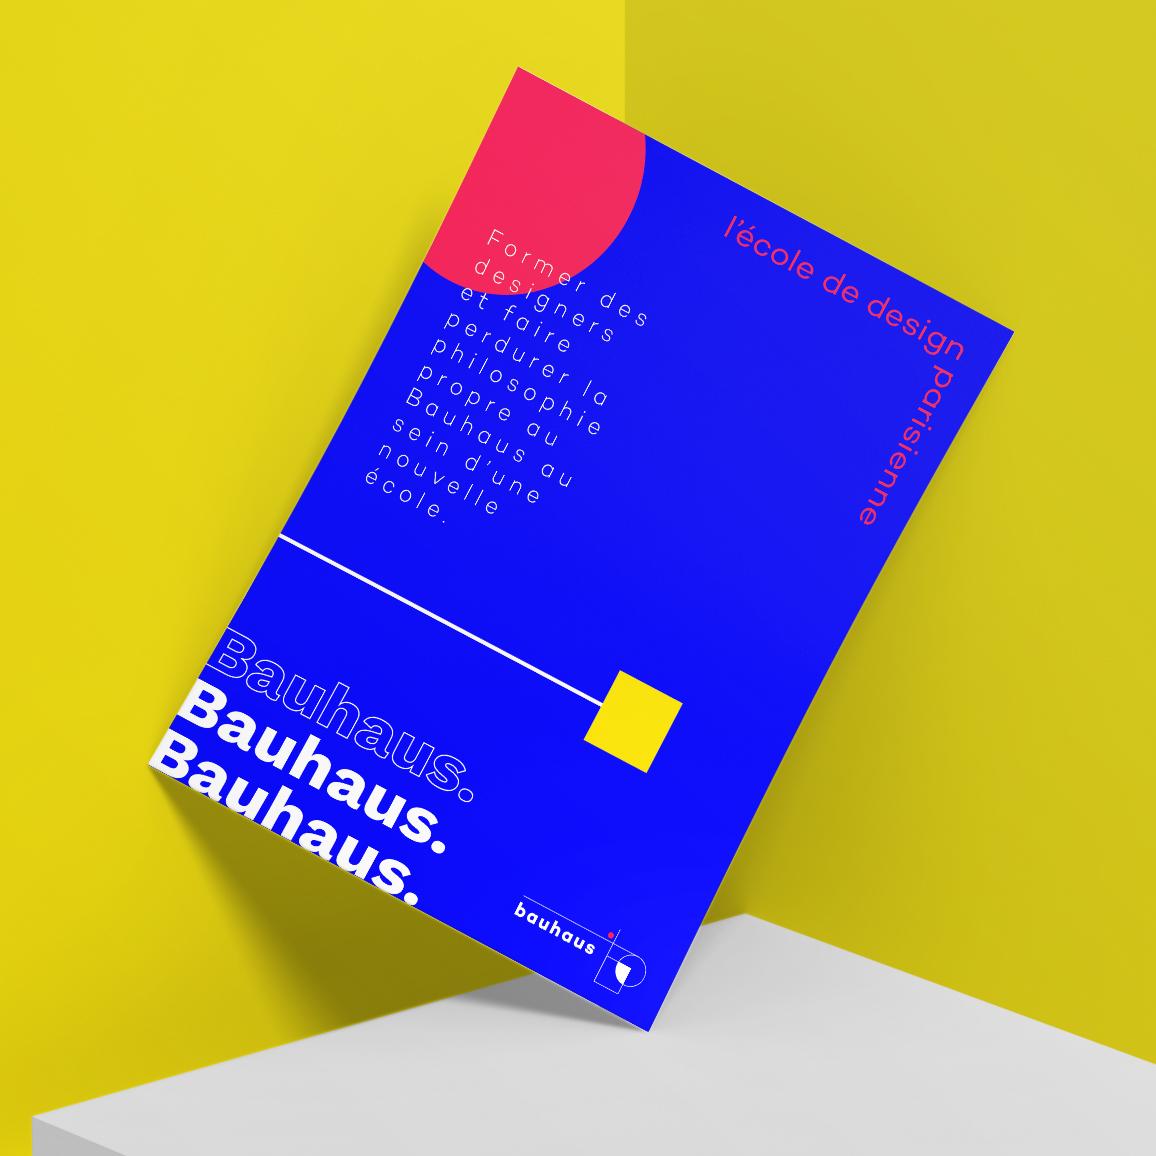 Affiche de design pour la réouverture et le centenaire du Bauhaus, école spécialisé dans le design industriel et l'architecture.